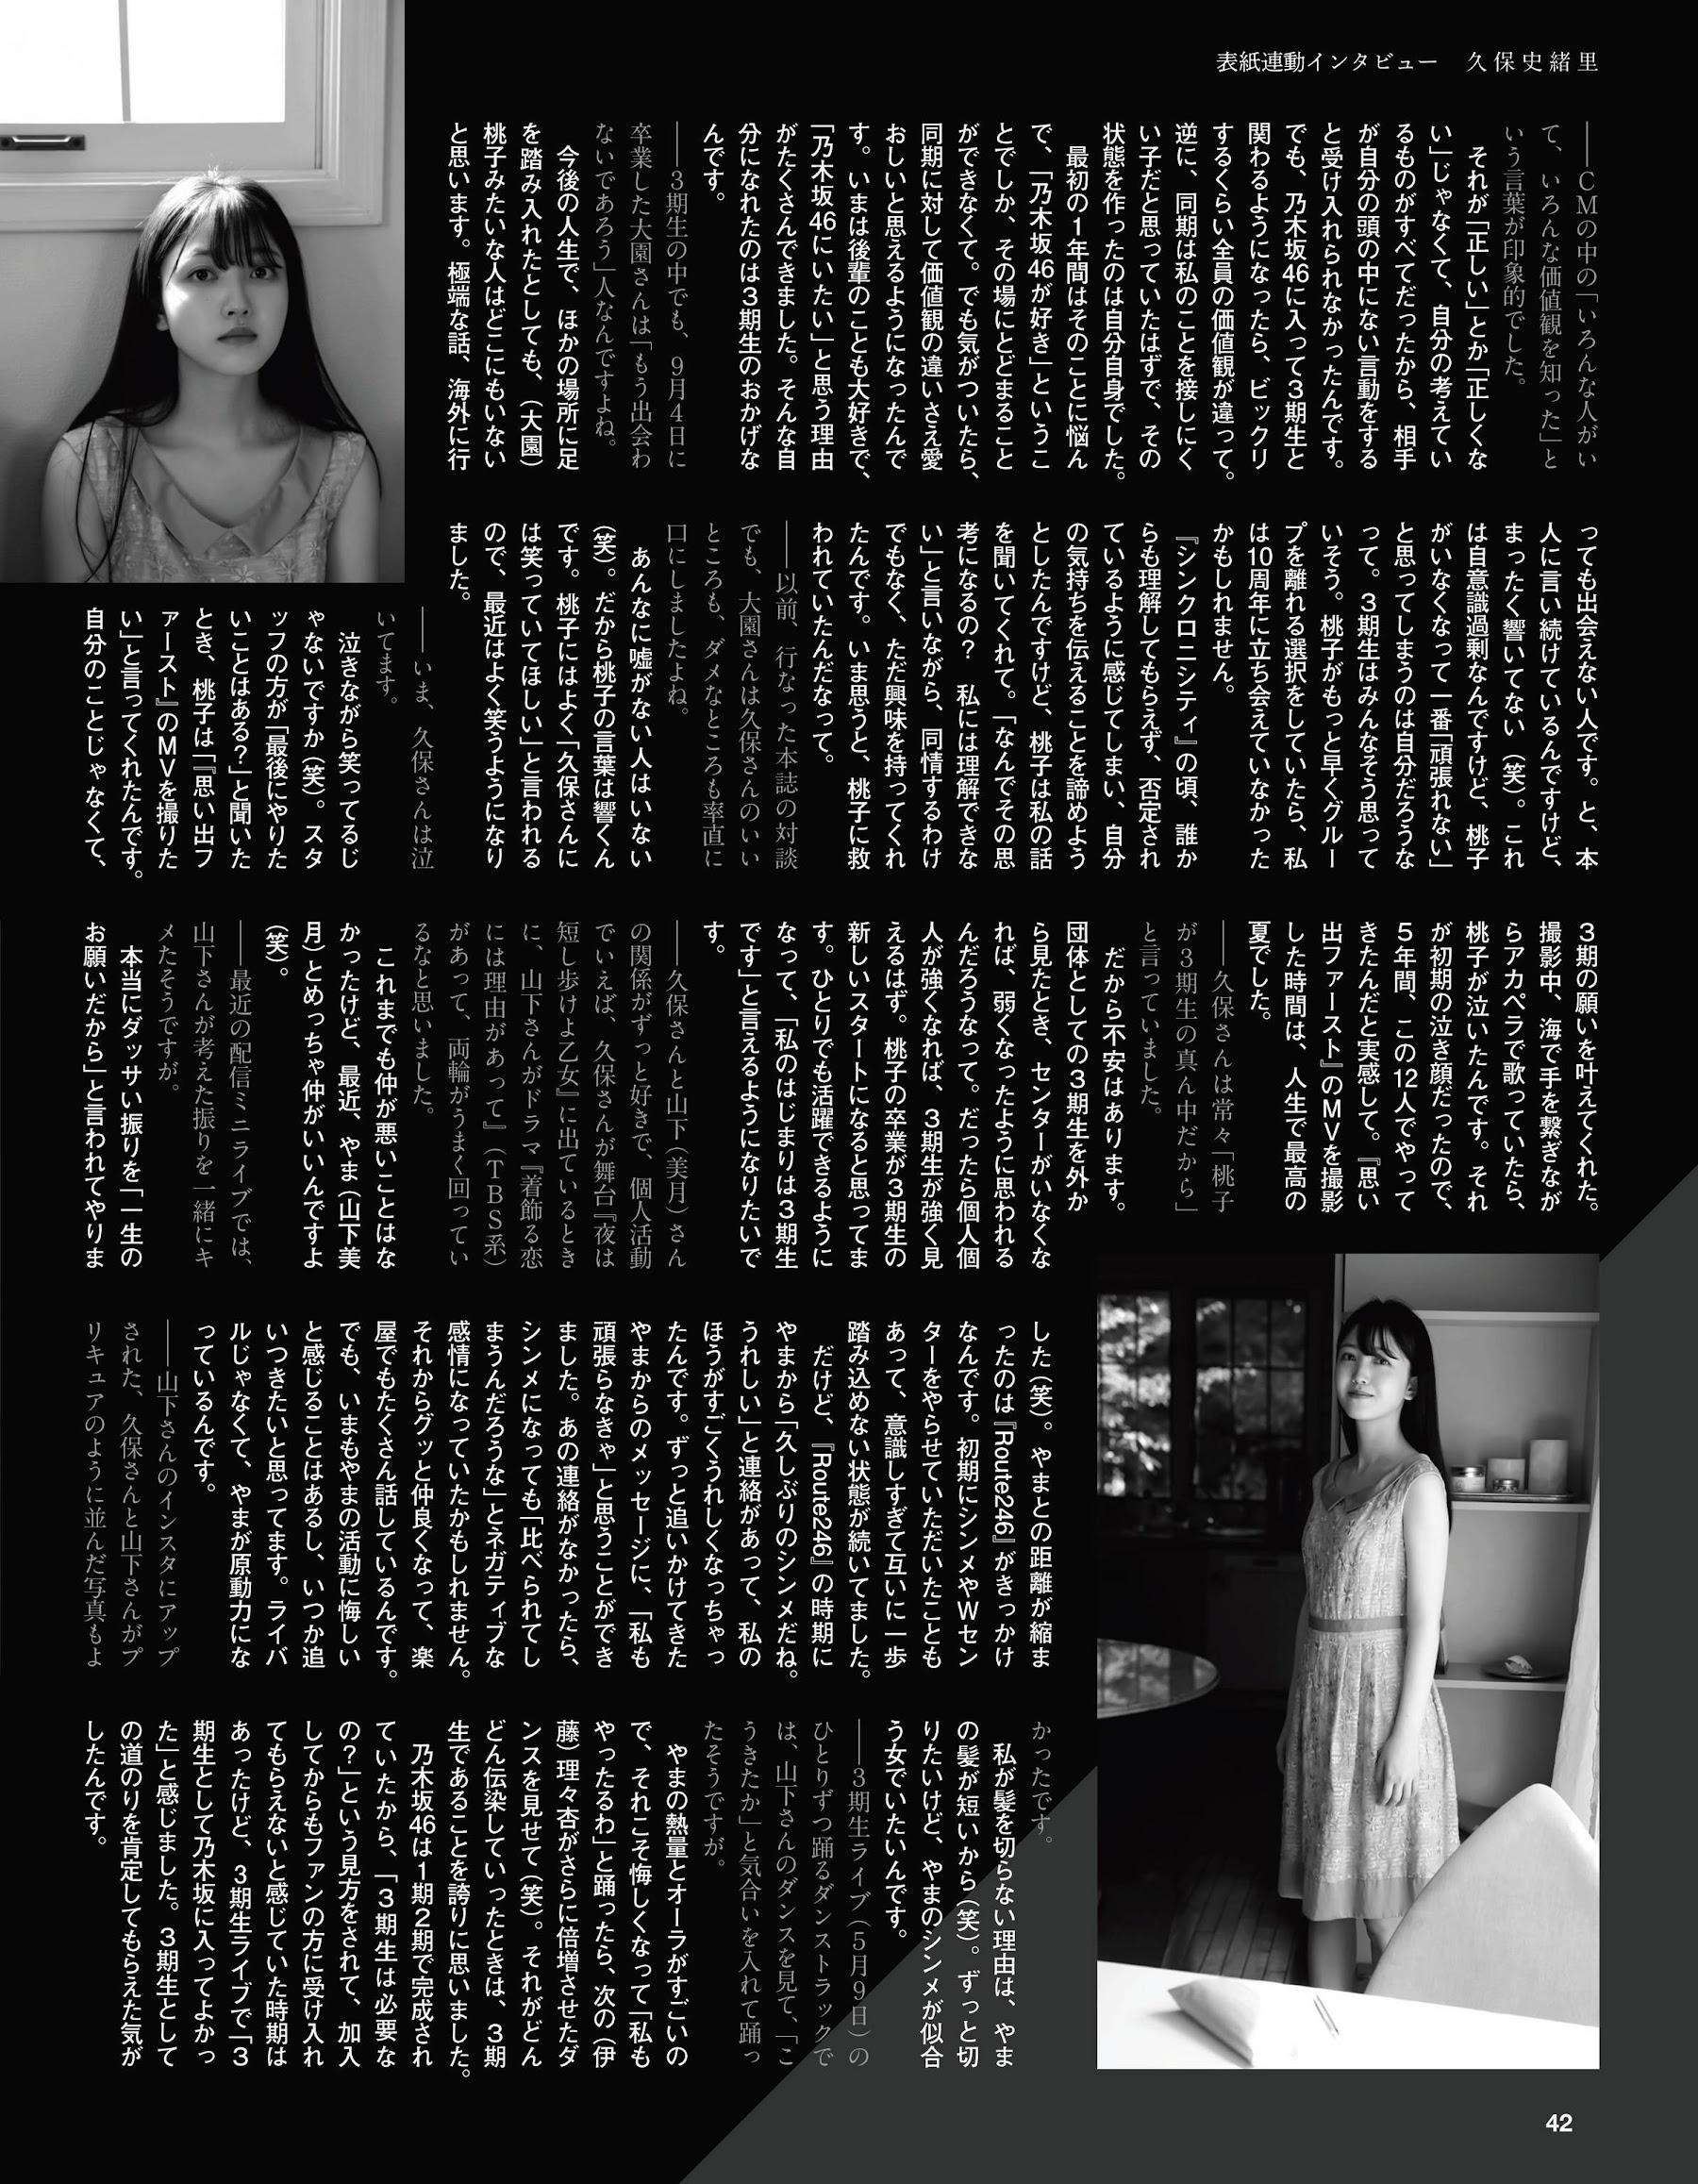 久保史緒里 桥本萌花 伊织萌 enako-EX大衆 2021.十月刊 杂志写真-觅爱图